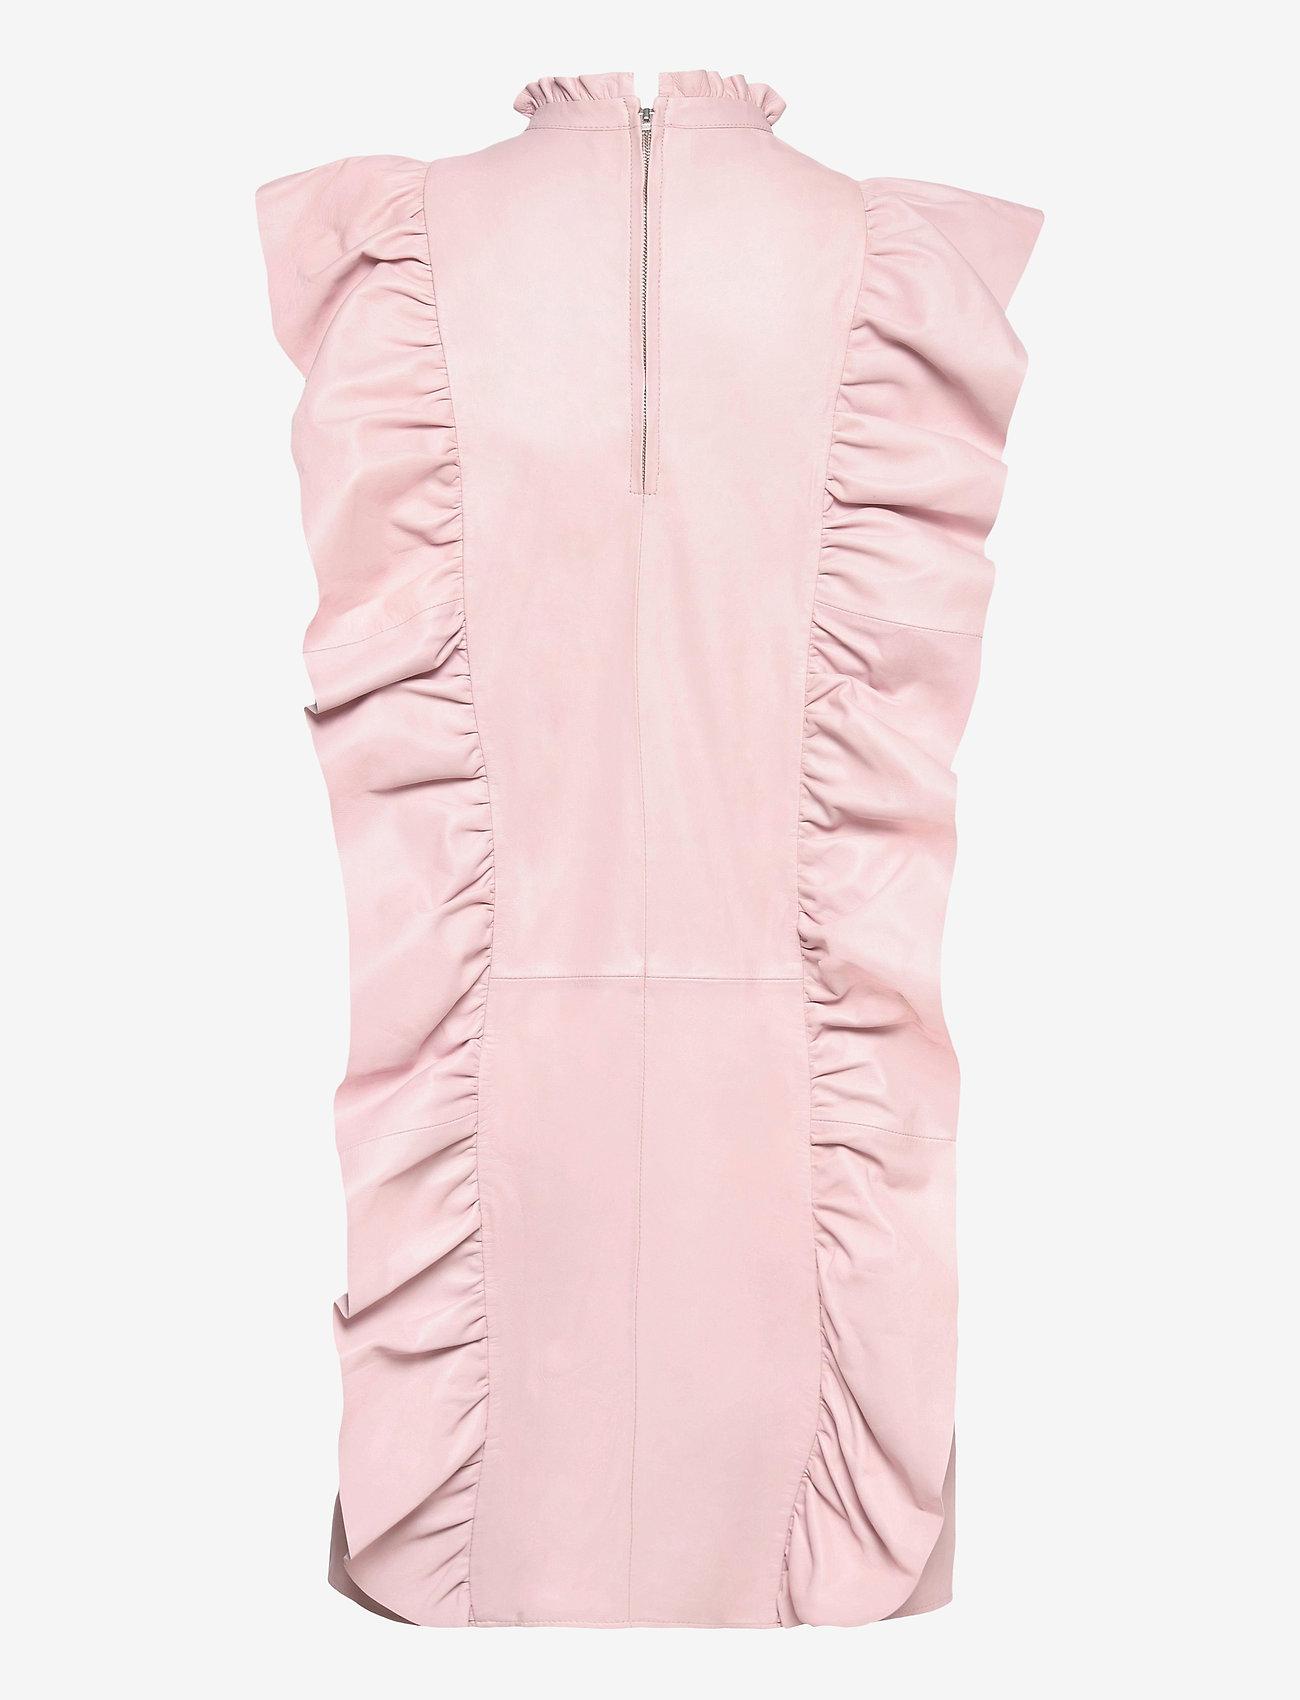 MDK / Munderingskompagniet - Etype thin leather dress - sommarklänningar - peach blush - 1